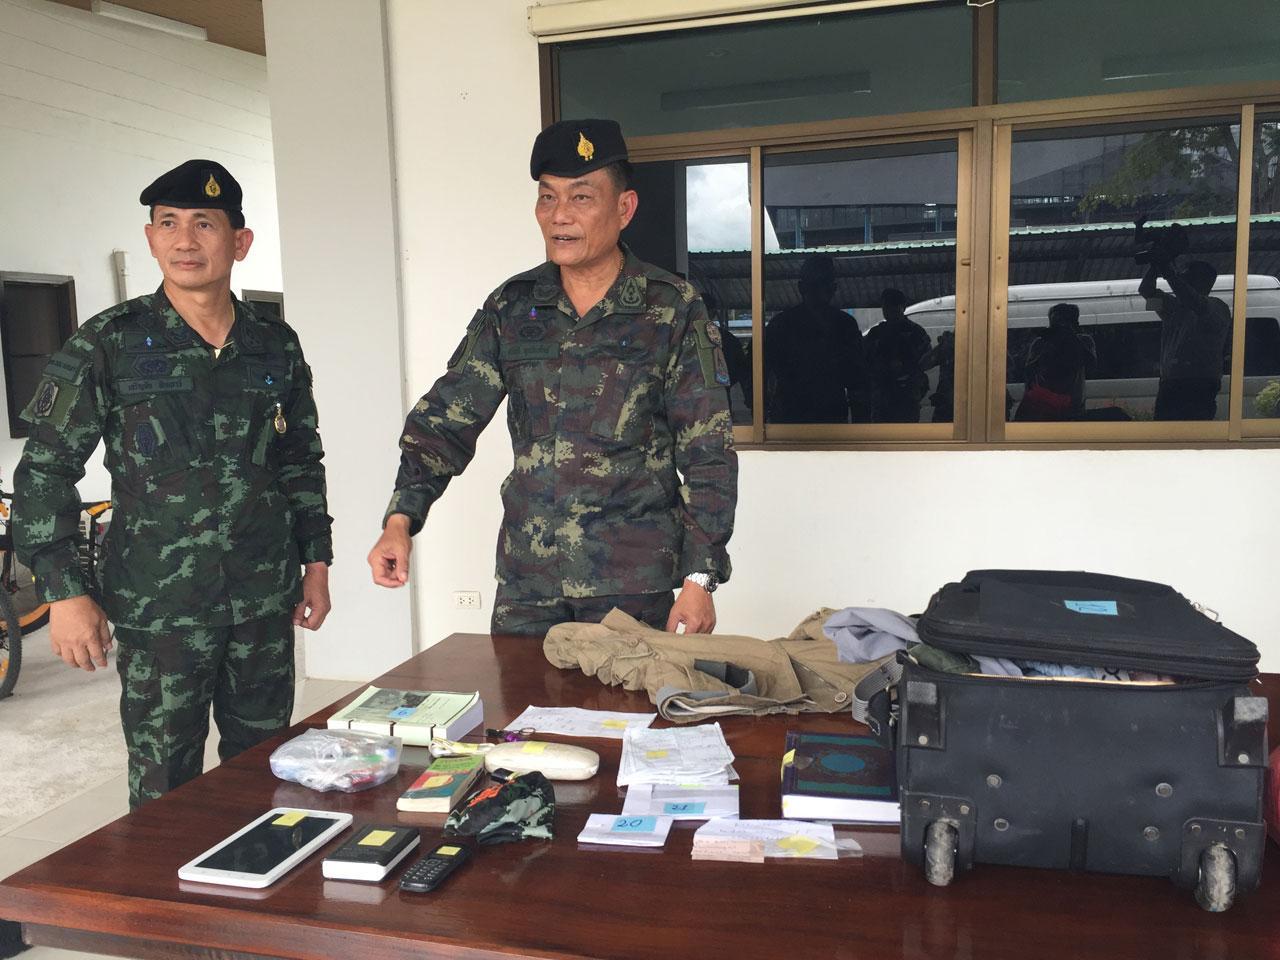 บรรดาสัมภาระและของใช้ จนท.ทหารที่ยึดได้จากผู้ต้องสงสัยตามหมายจับ